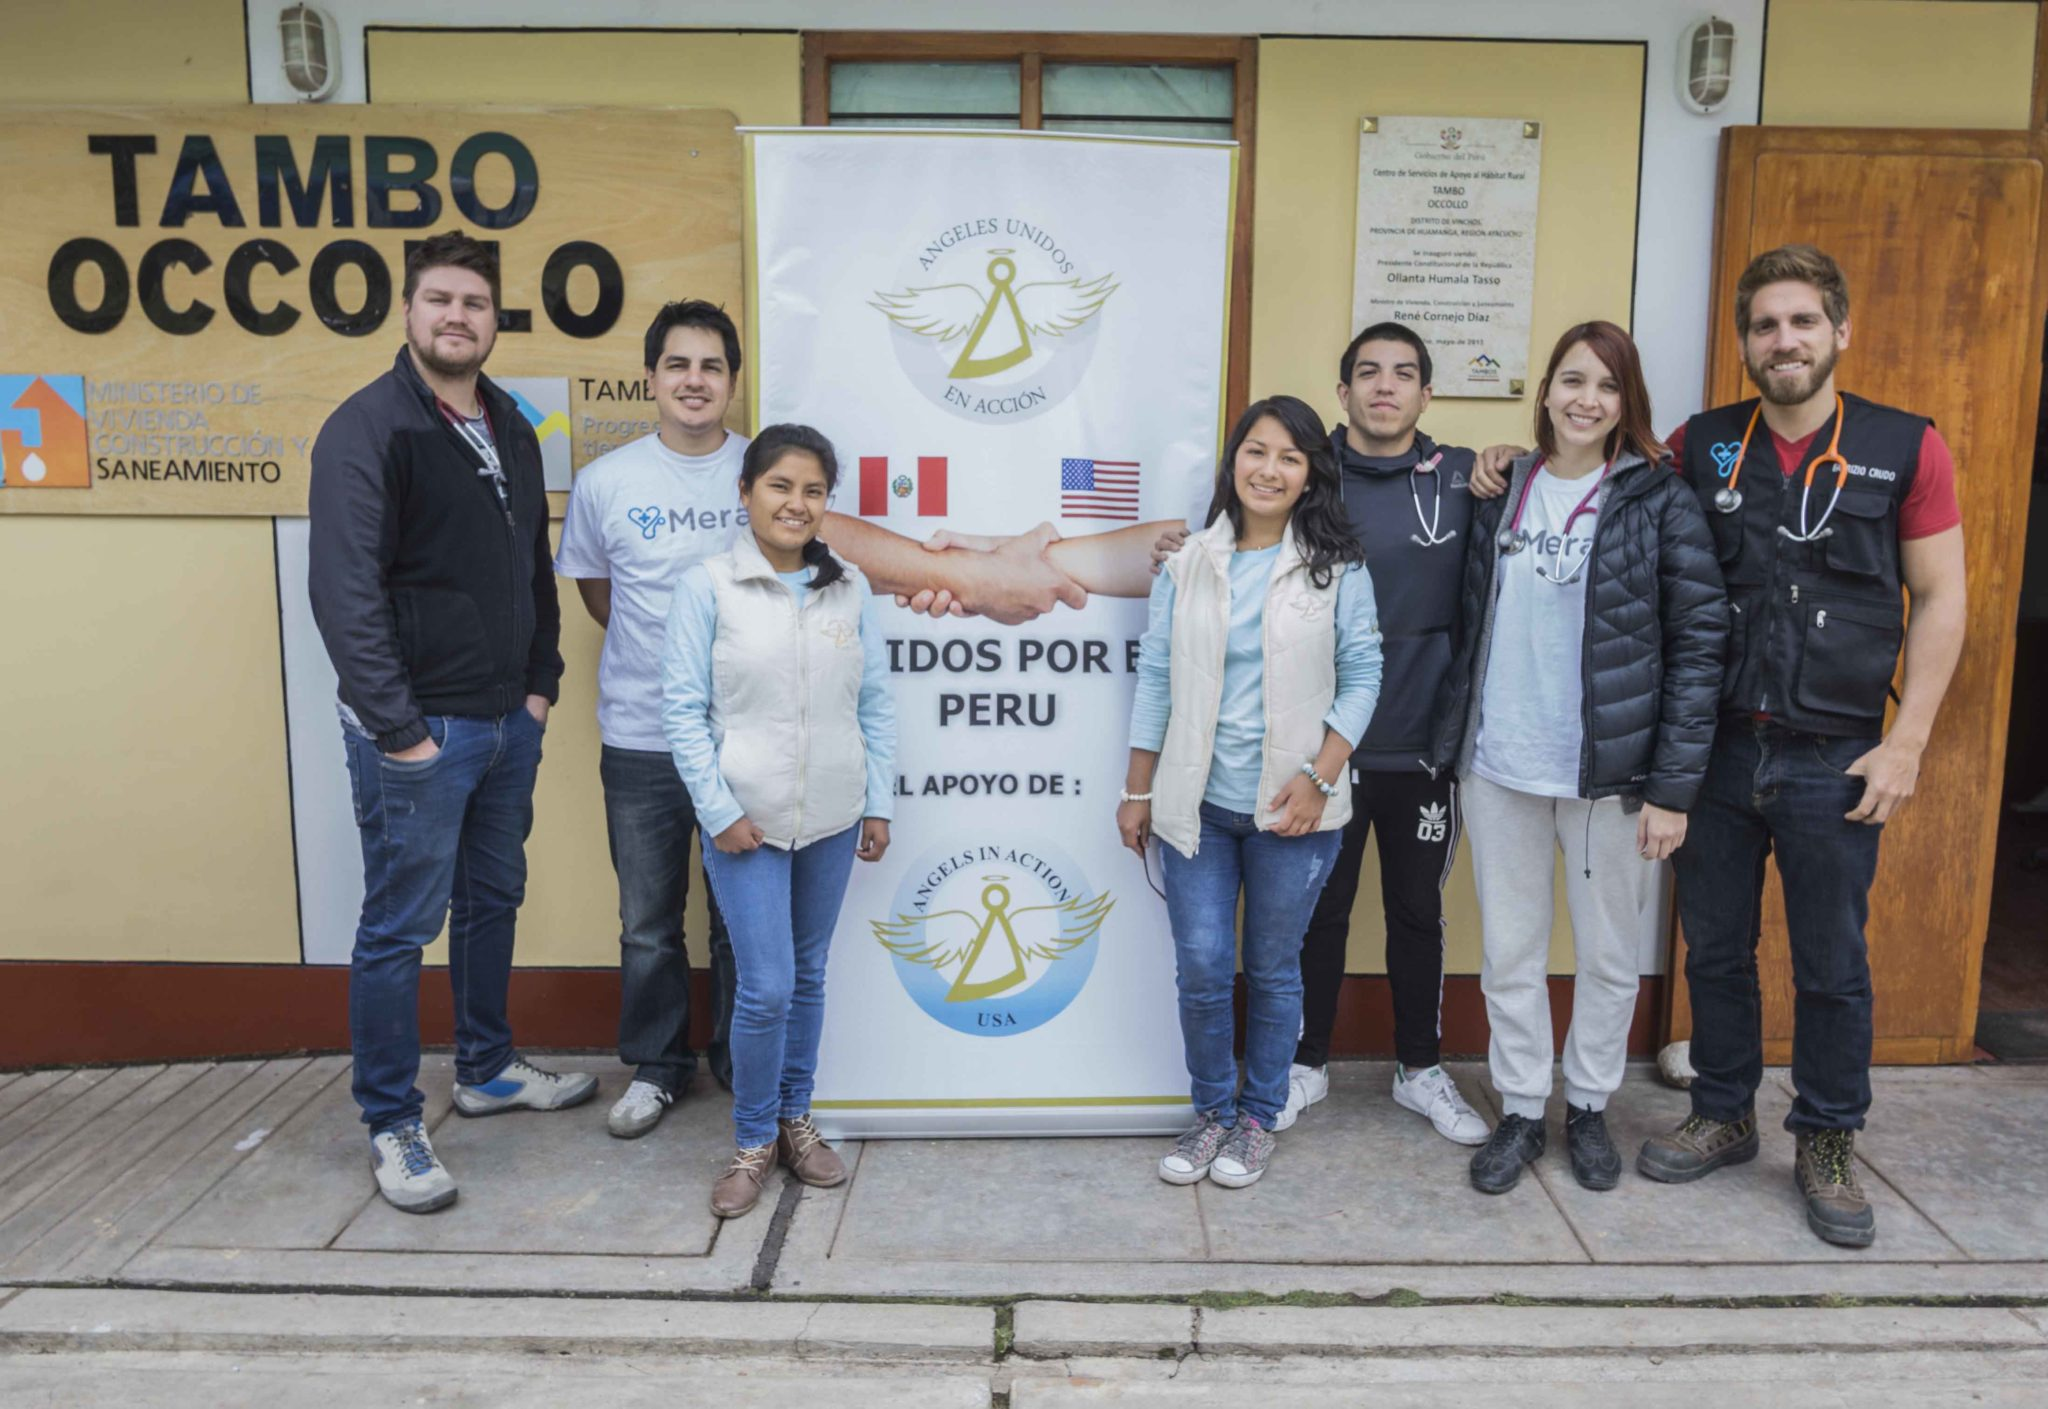 Ayacucho 2017 - Tambo Occllo - Distrito Vinchos